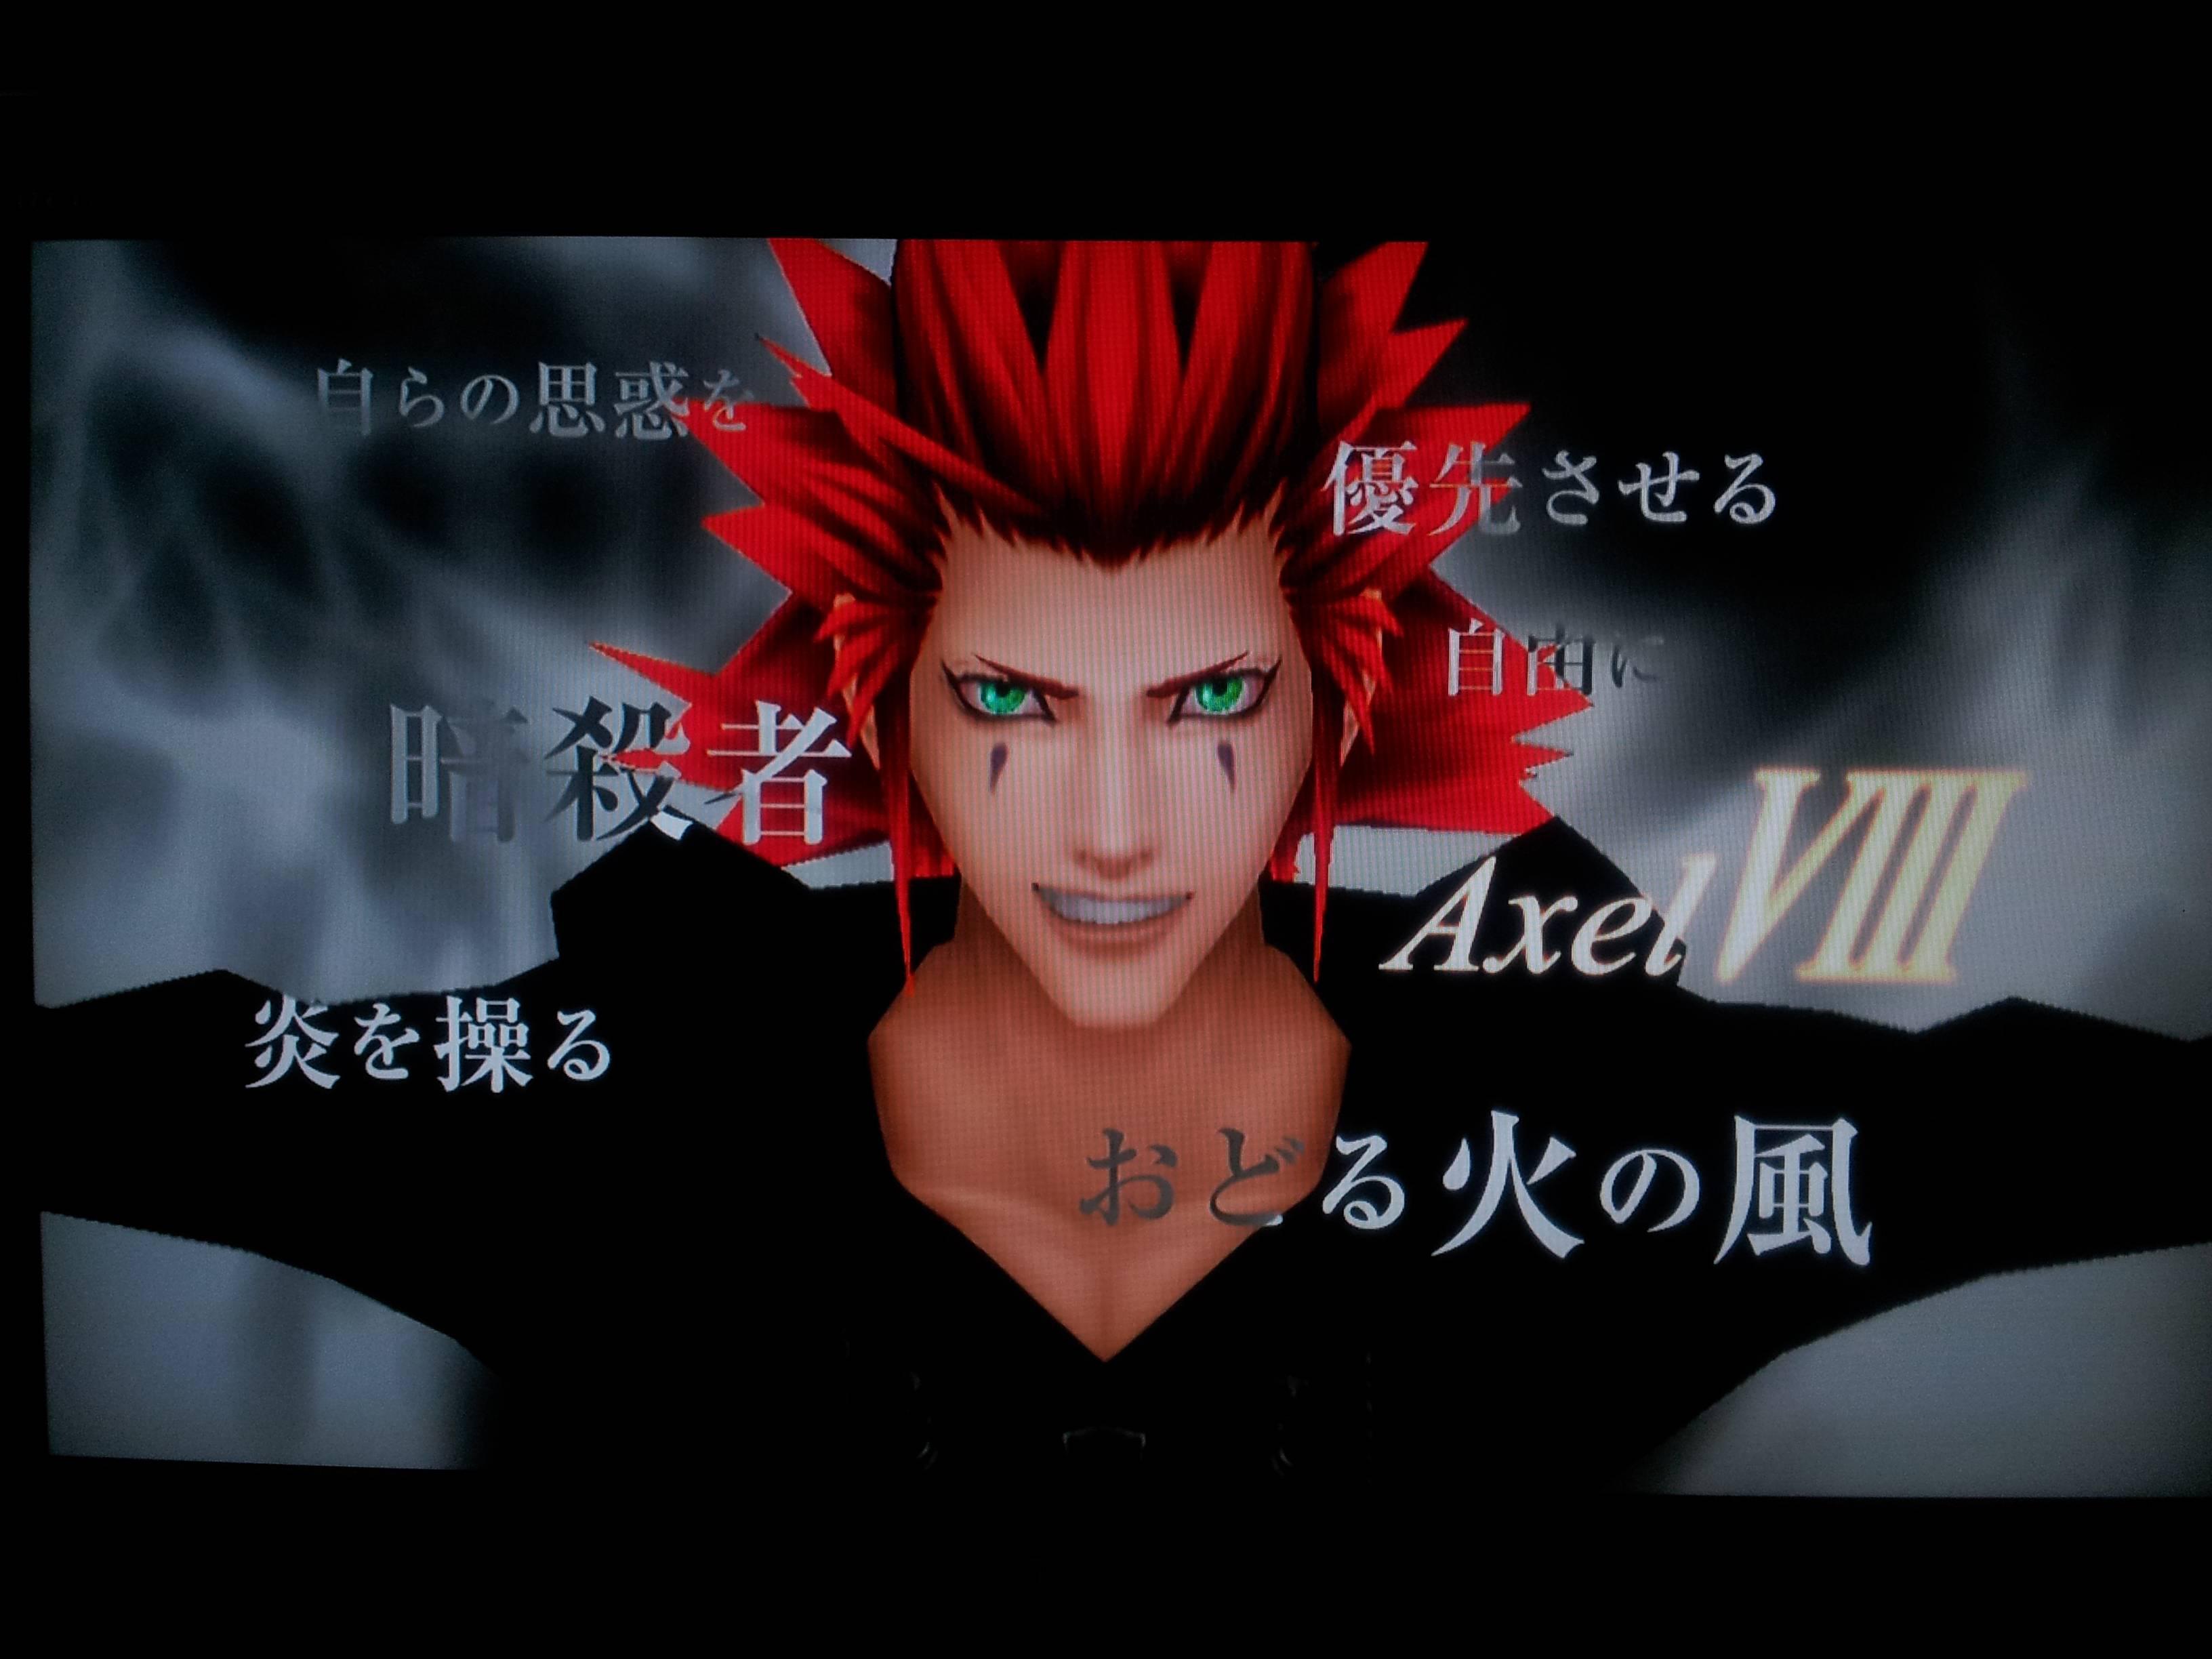 Good Evening Hd Wallpaper Kingdom Hearts Hd 1 5 Remix Leaks Early News Kingdom